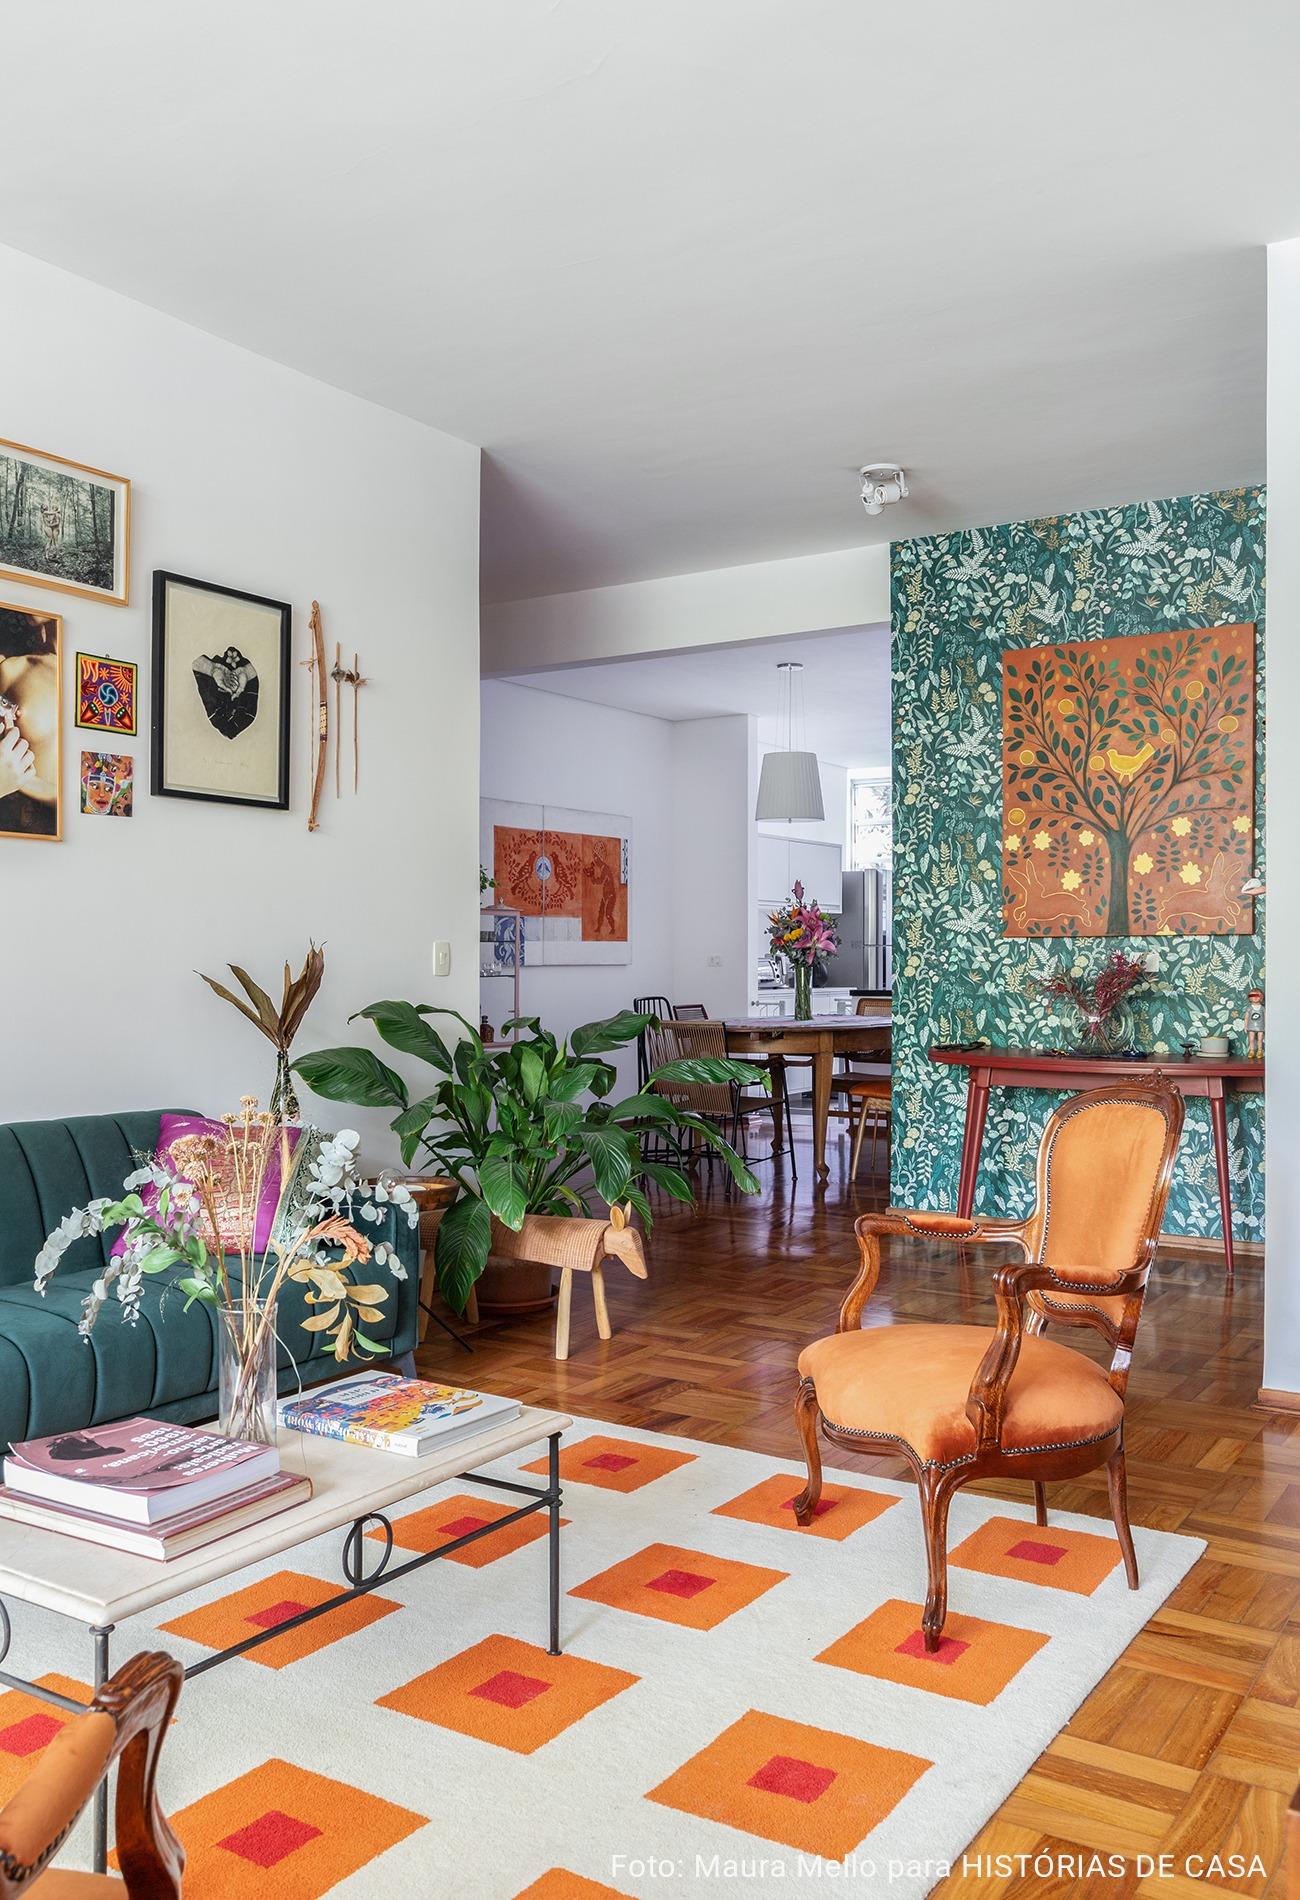 Sala com móveis vintage, tapete colorido e papel de parede